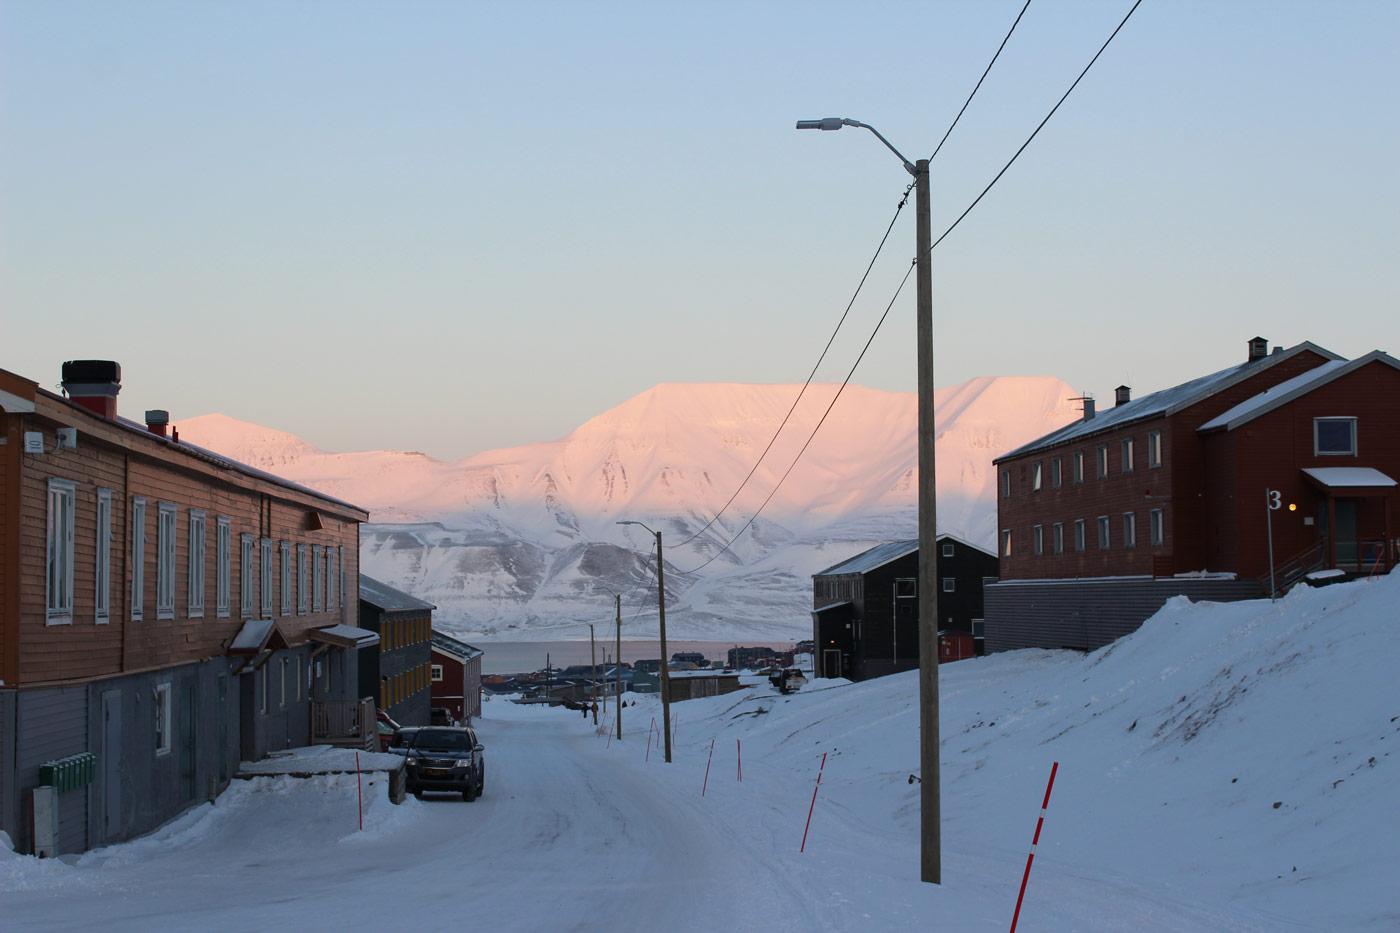 Spitzbergen Reise - Hotels und Restaurants in Longyearbyen